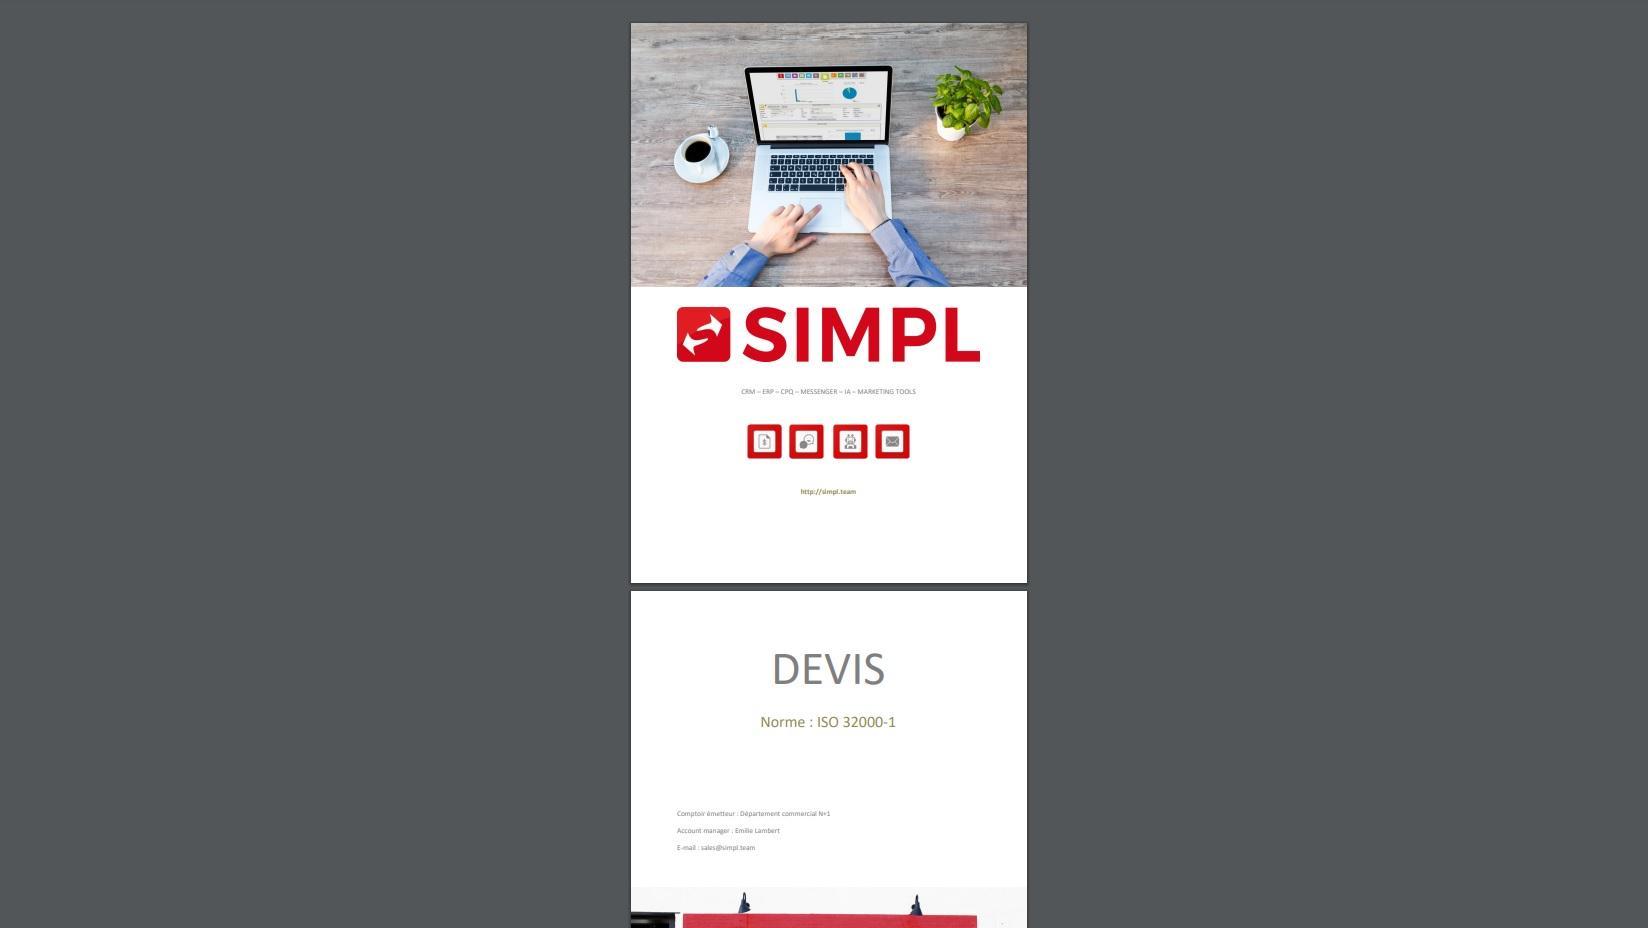 Mise en page avec couverture, intercalaire, témoignage client et fiches techniques des produits et/ou services.